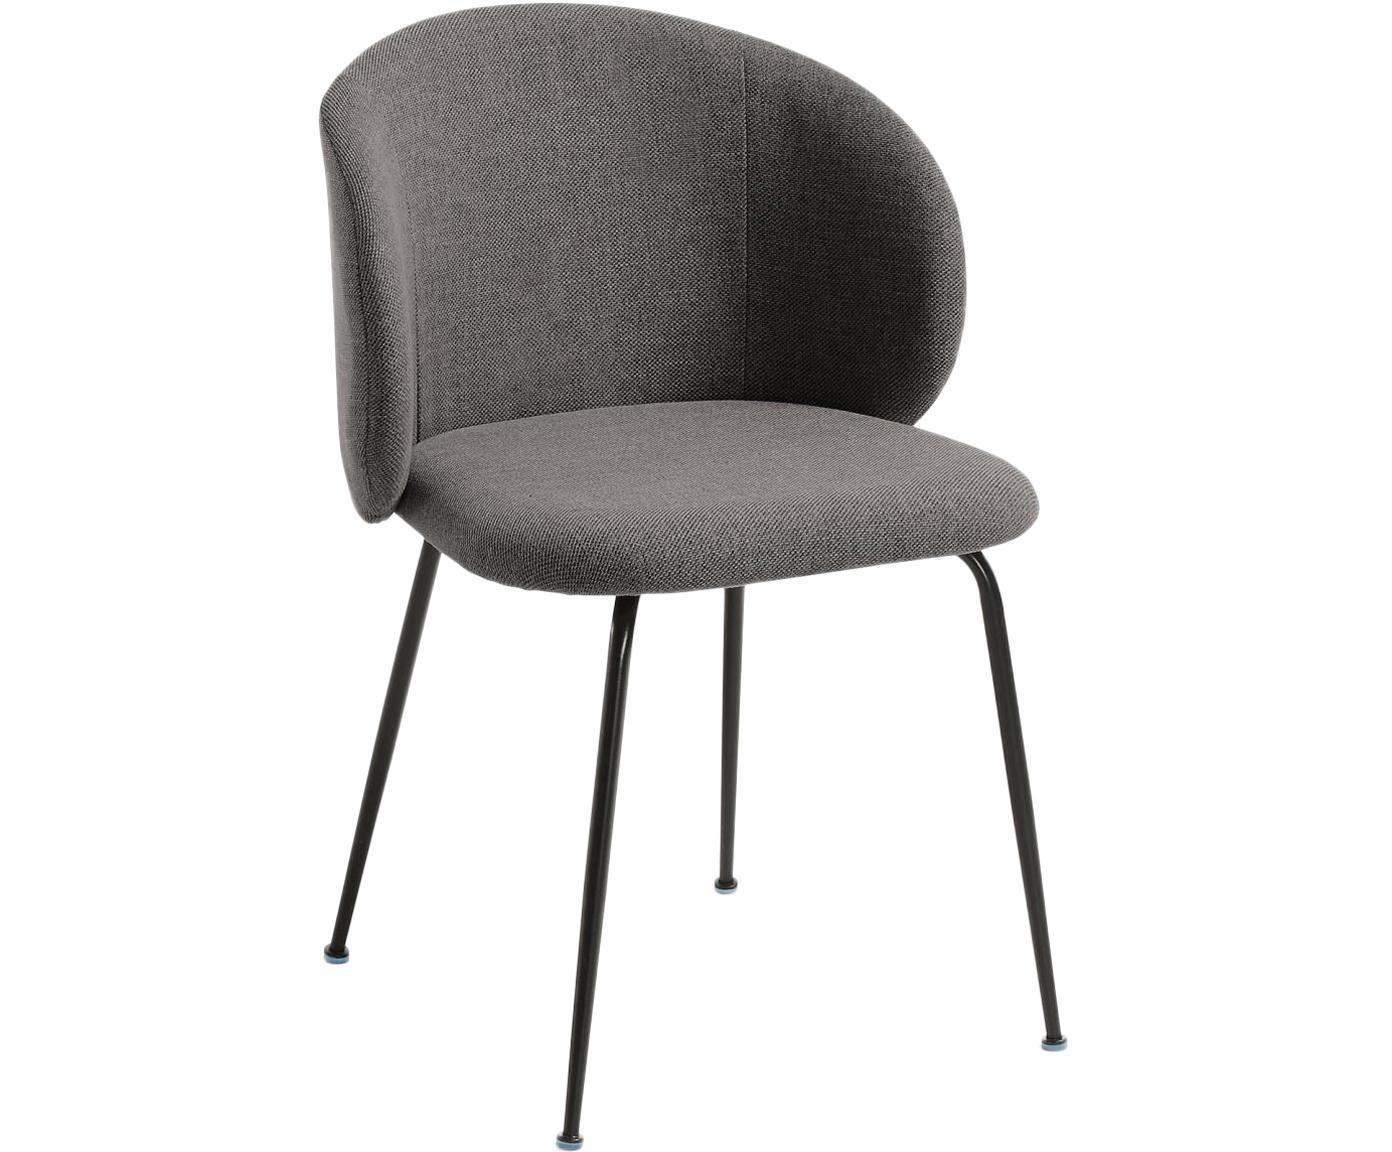 Krzesło tapicerowane Minna, Tapicerka: tkanina, Stelaż: metal powlekany, Ciemnyszary, czarny, S 57 x G 56 cm